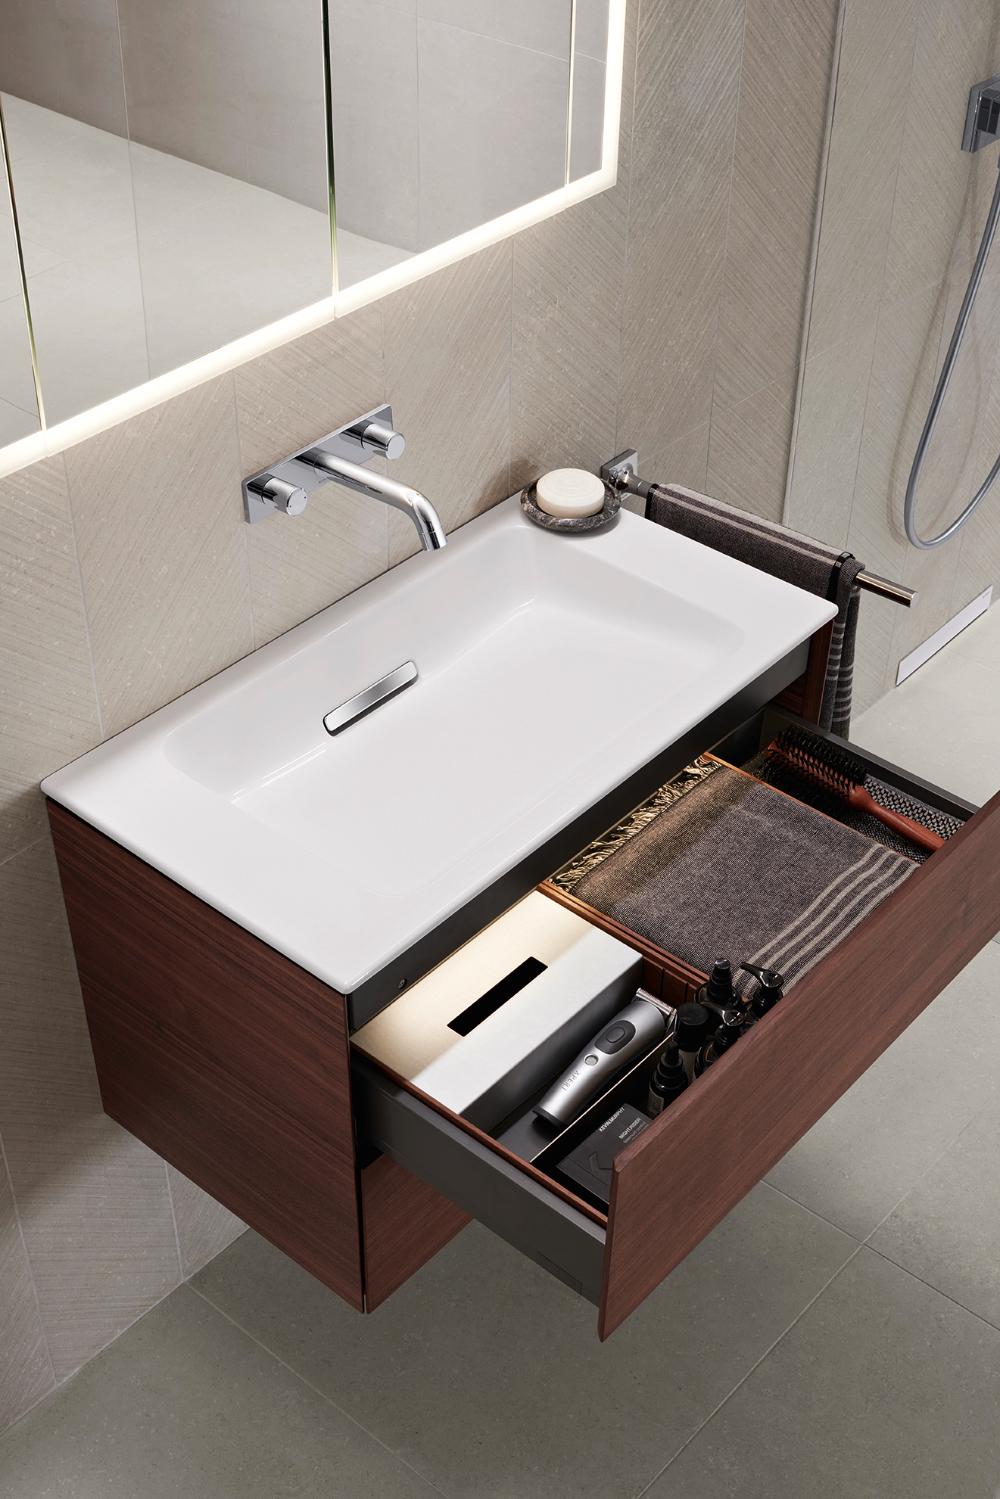 8 Ultimative Tipps Fur Ein Schones Badezimmer Schone Badezimmer Waschtischunterschrank Badezimmer Grundriss